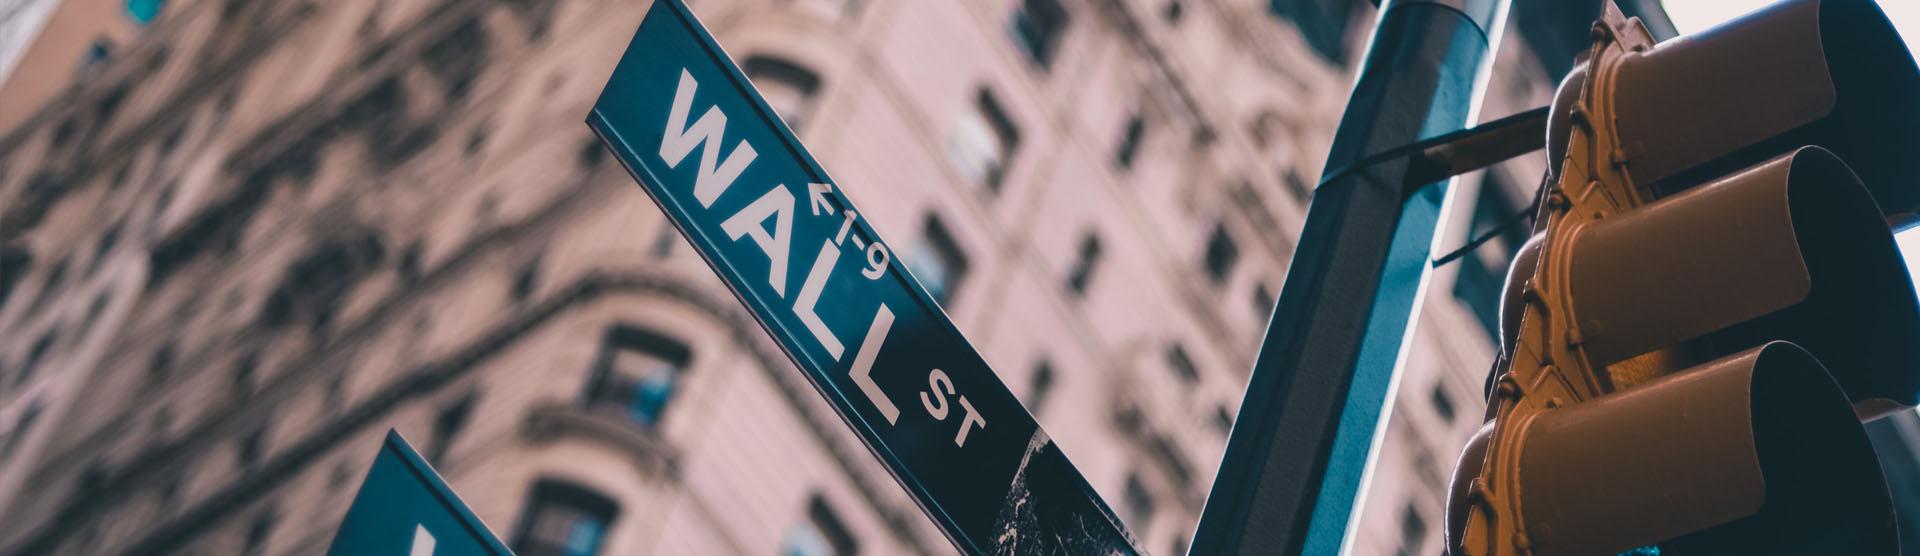 Blaylock Van, LLC Is The Longest Tenured Black-Owned Firm On Wall Street